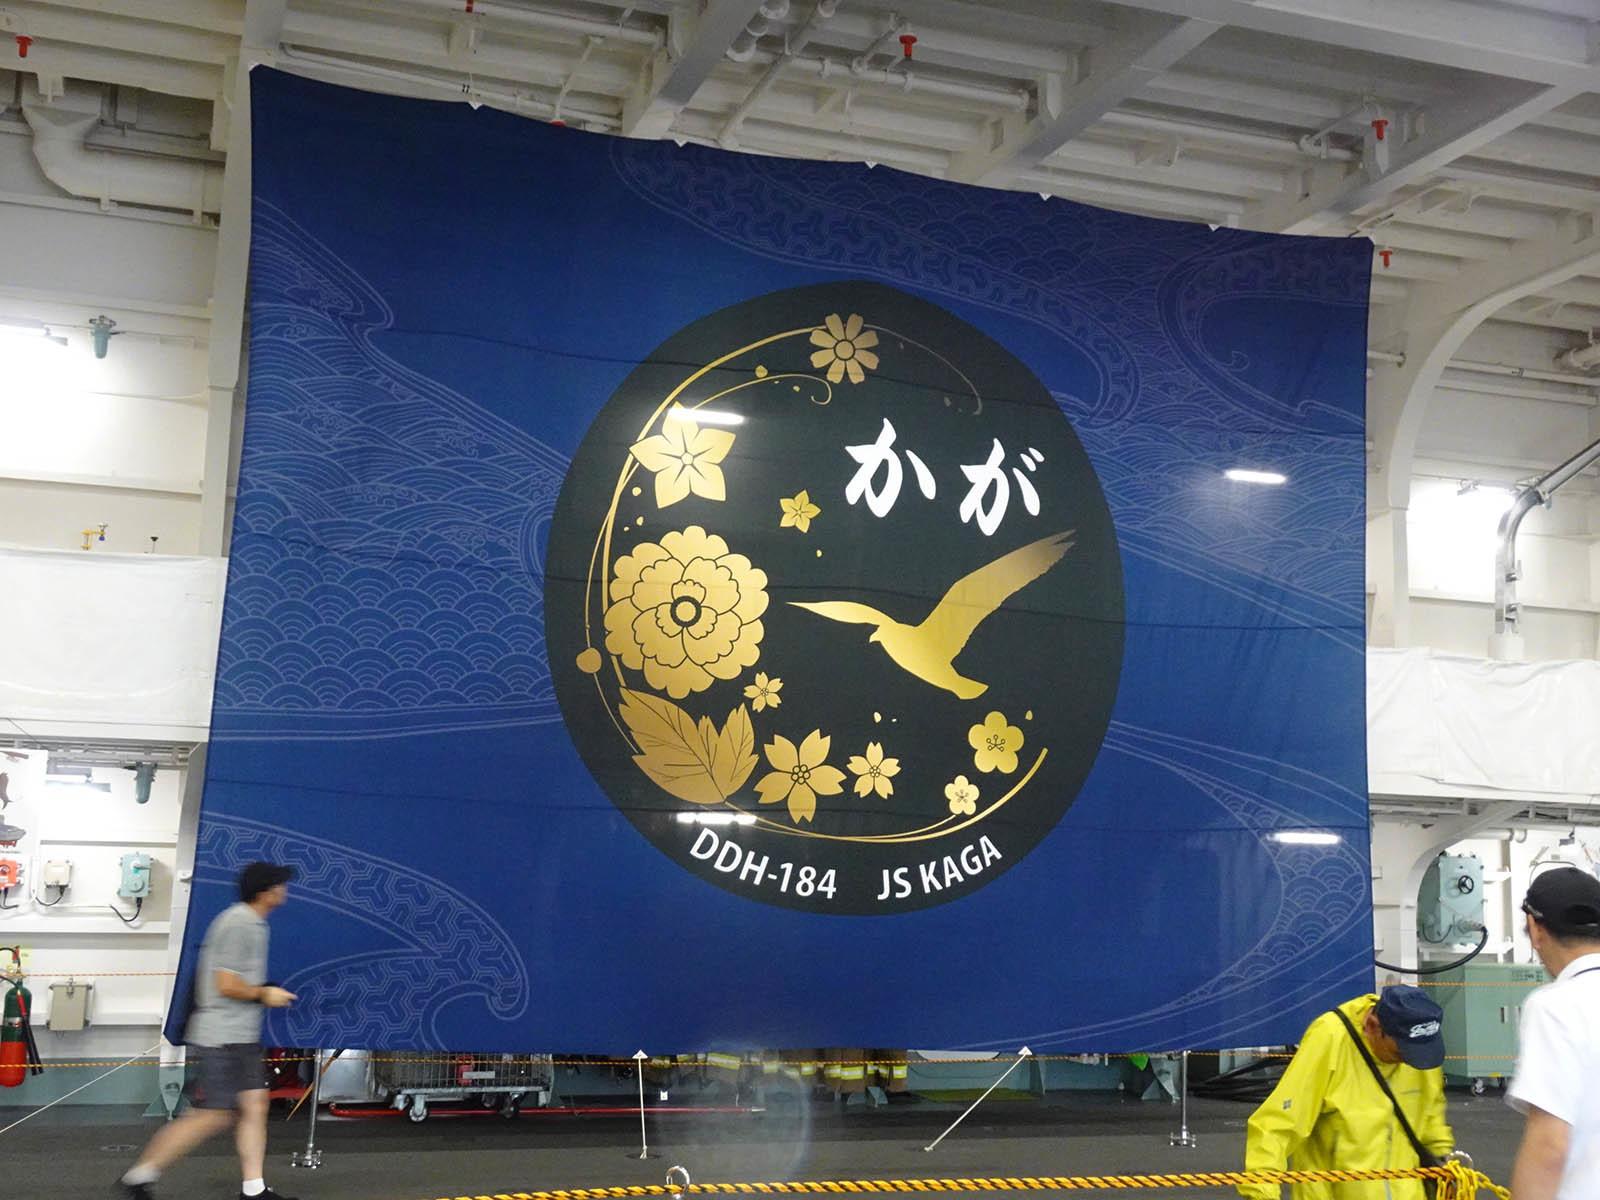 JMSDF DDH-184「かが」 in 小樽港 02_b0315809_21224142.jpg